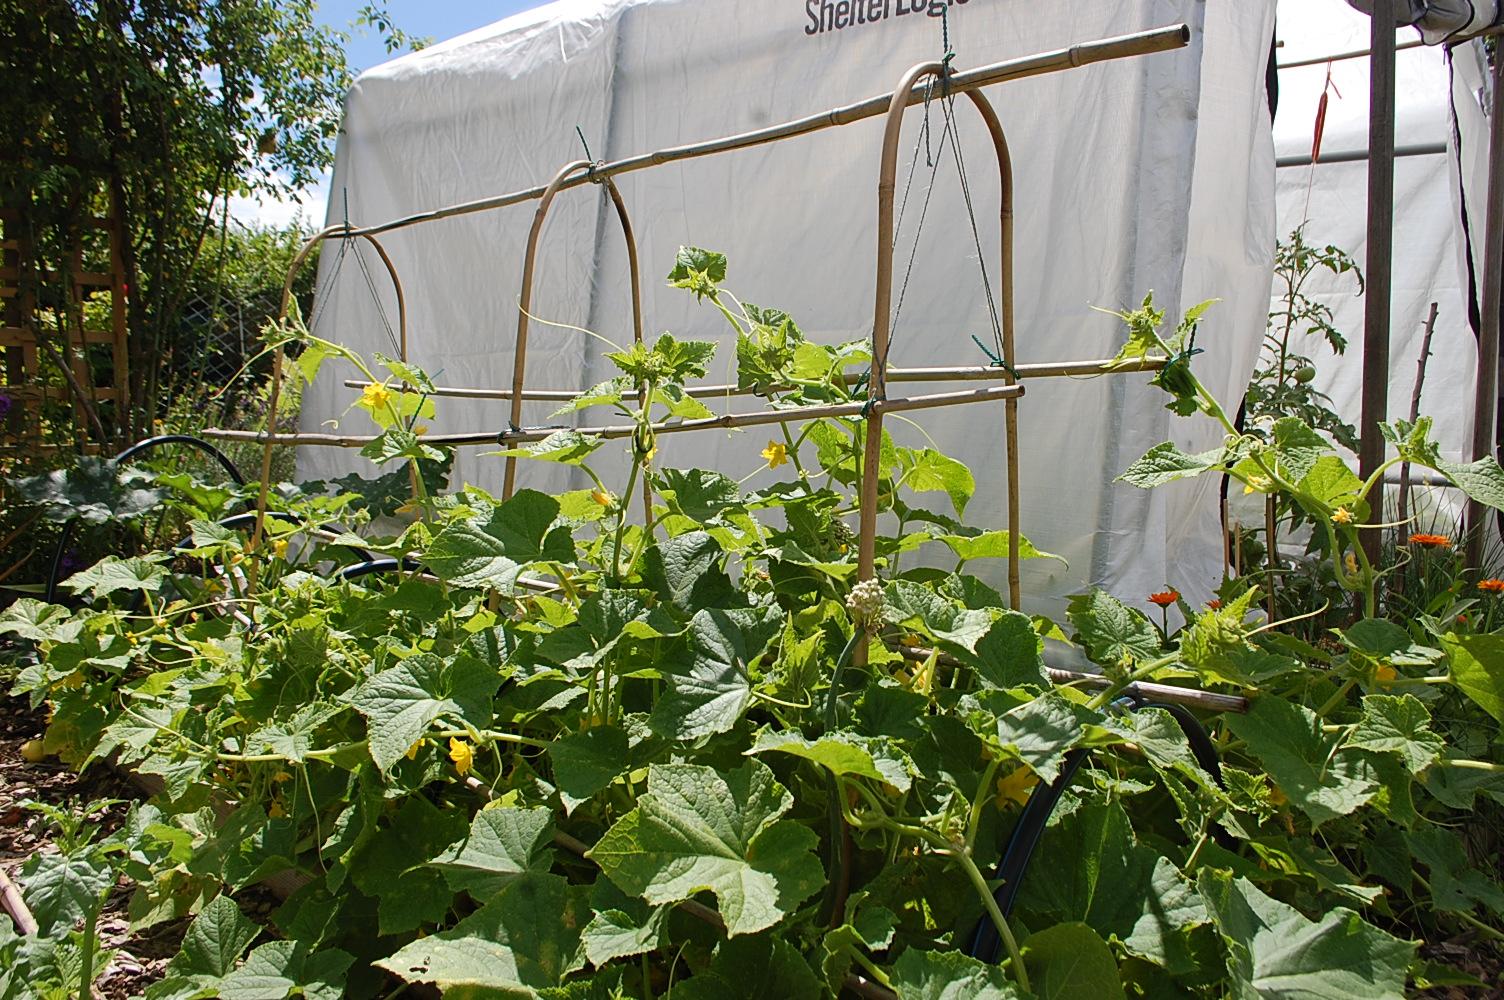 Klettergerüst Für Himbeeren : Zwei wochen nutzgarten: johannistag bis 8. juli das reh im garten